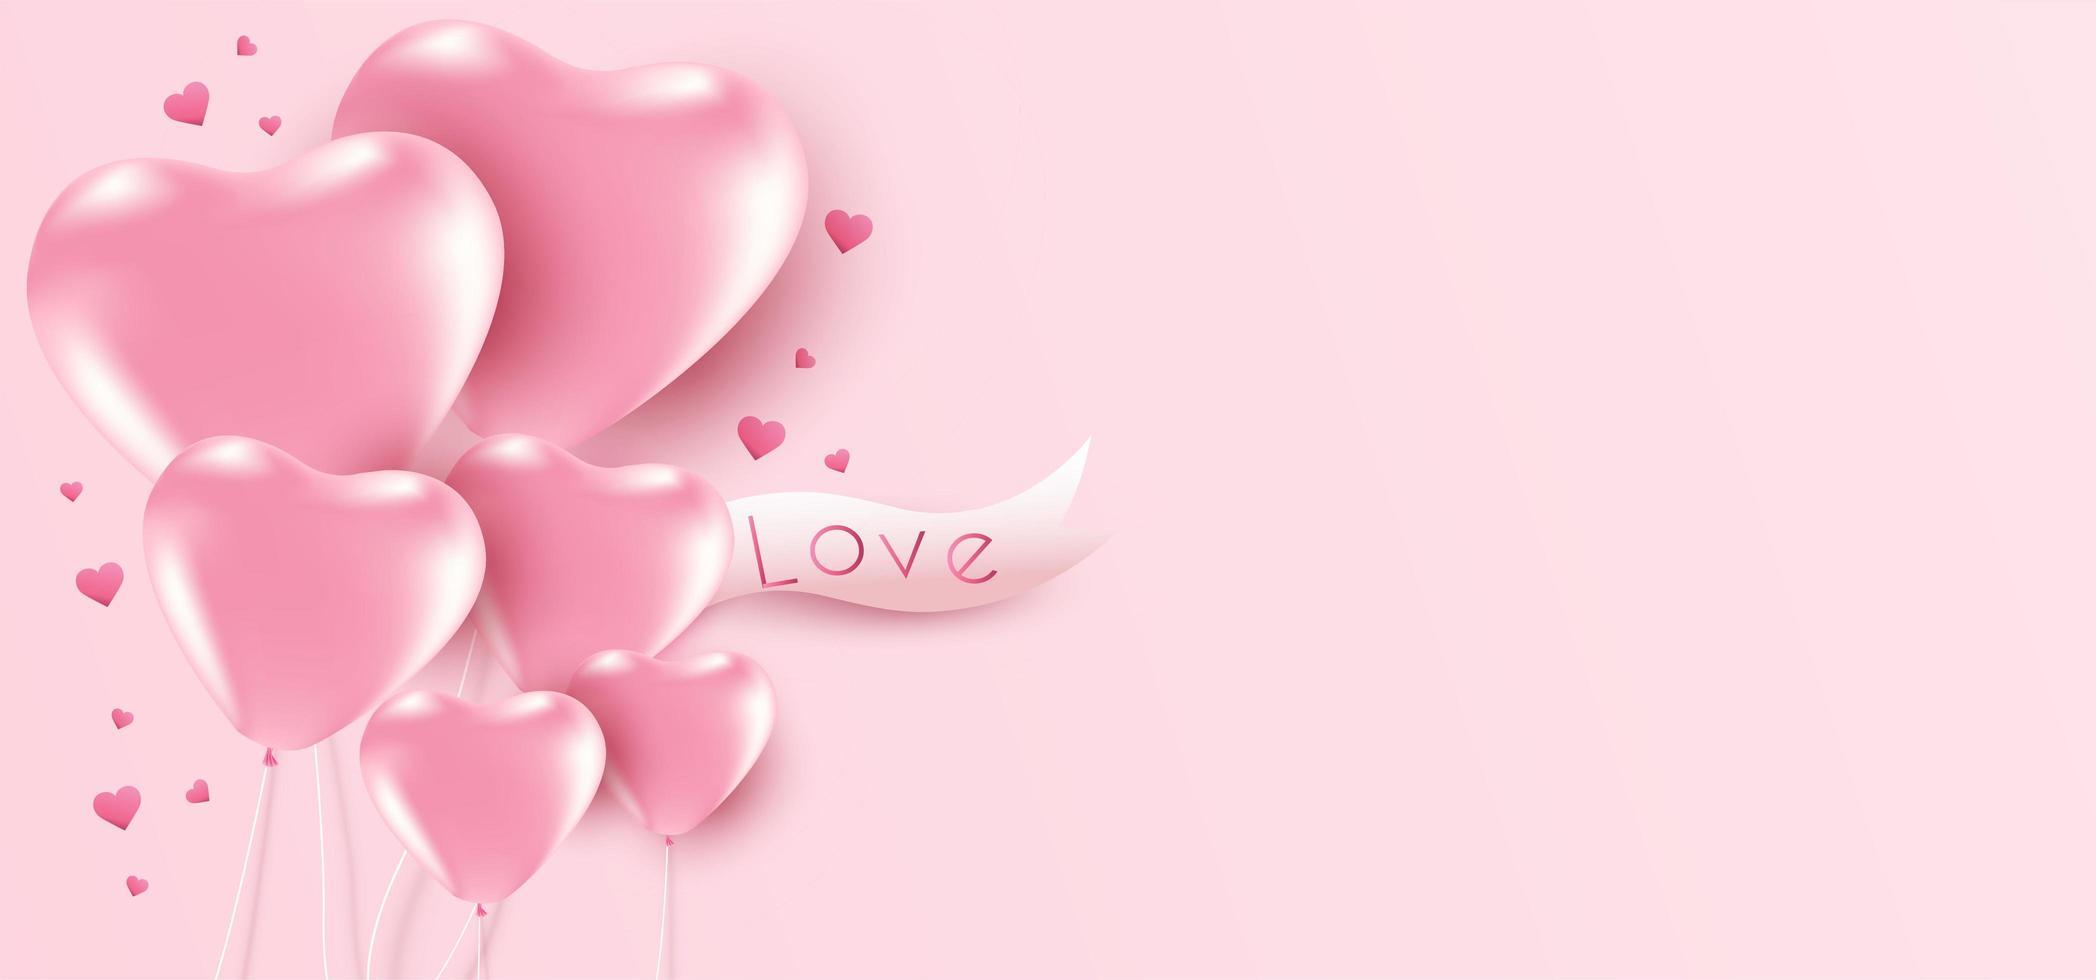 Aftelkalender voor Valentijnsdag achtergrond met hart impulsen en copyspace. vector